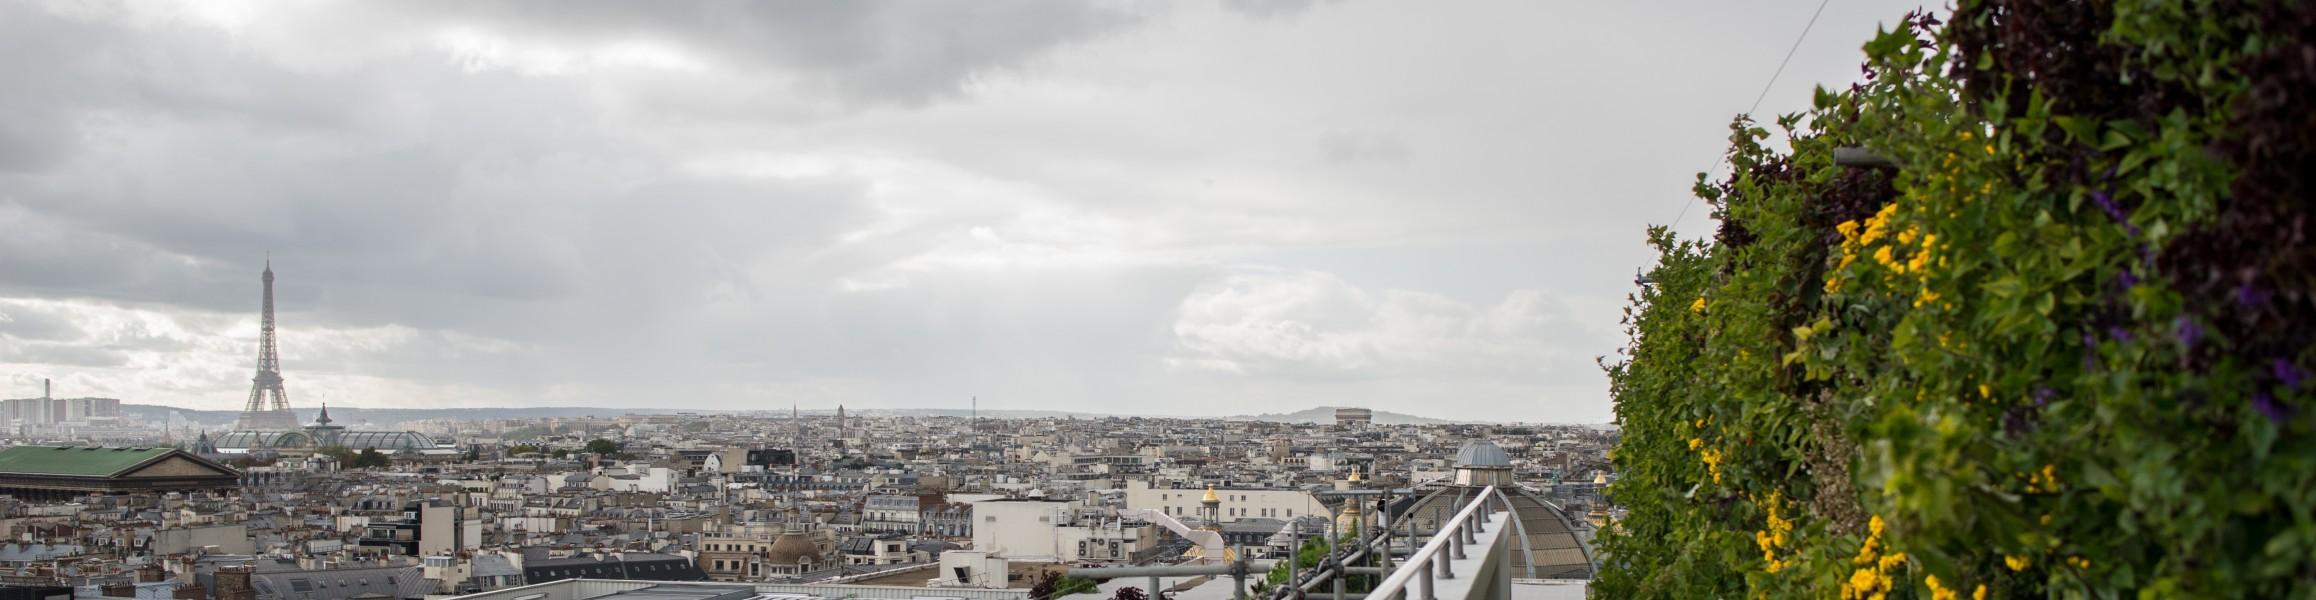 Source : Ville de Paris Christophe Noel ©